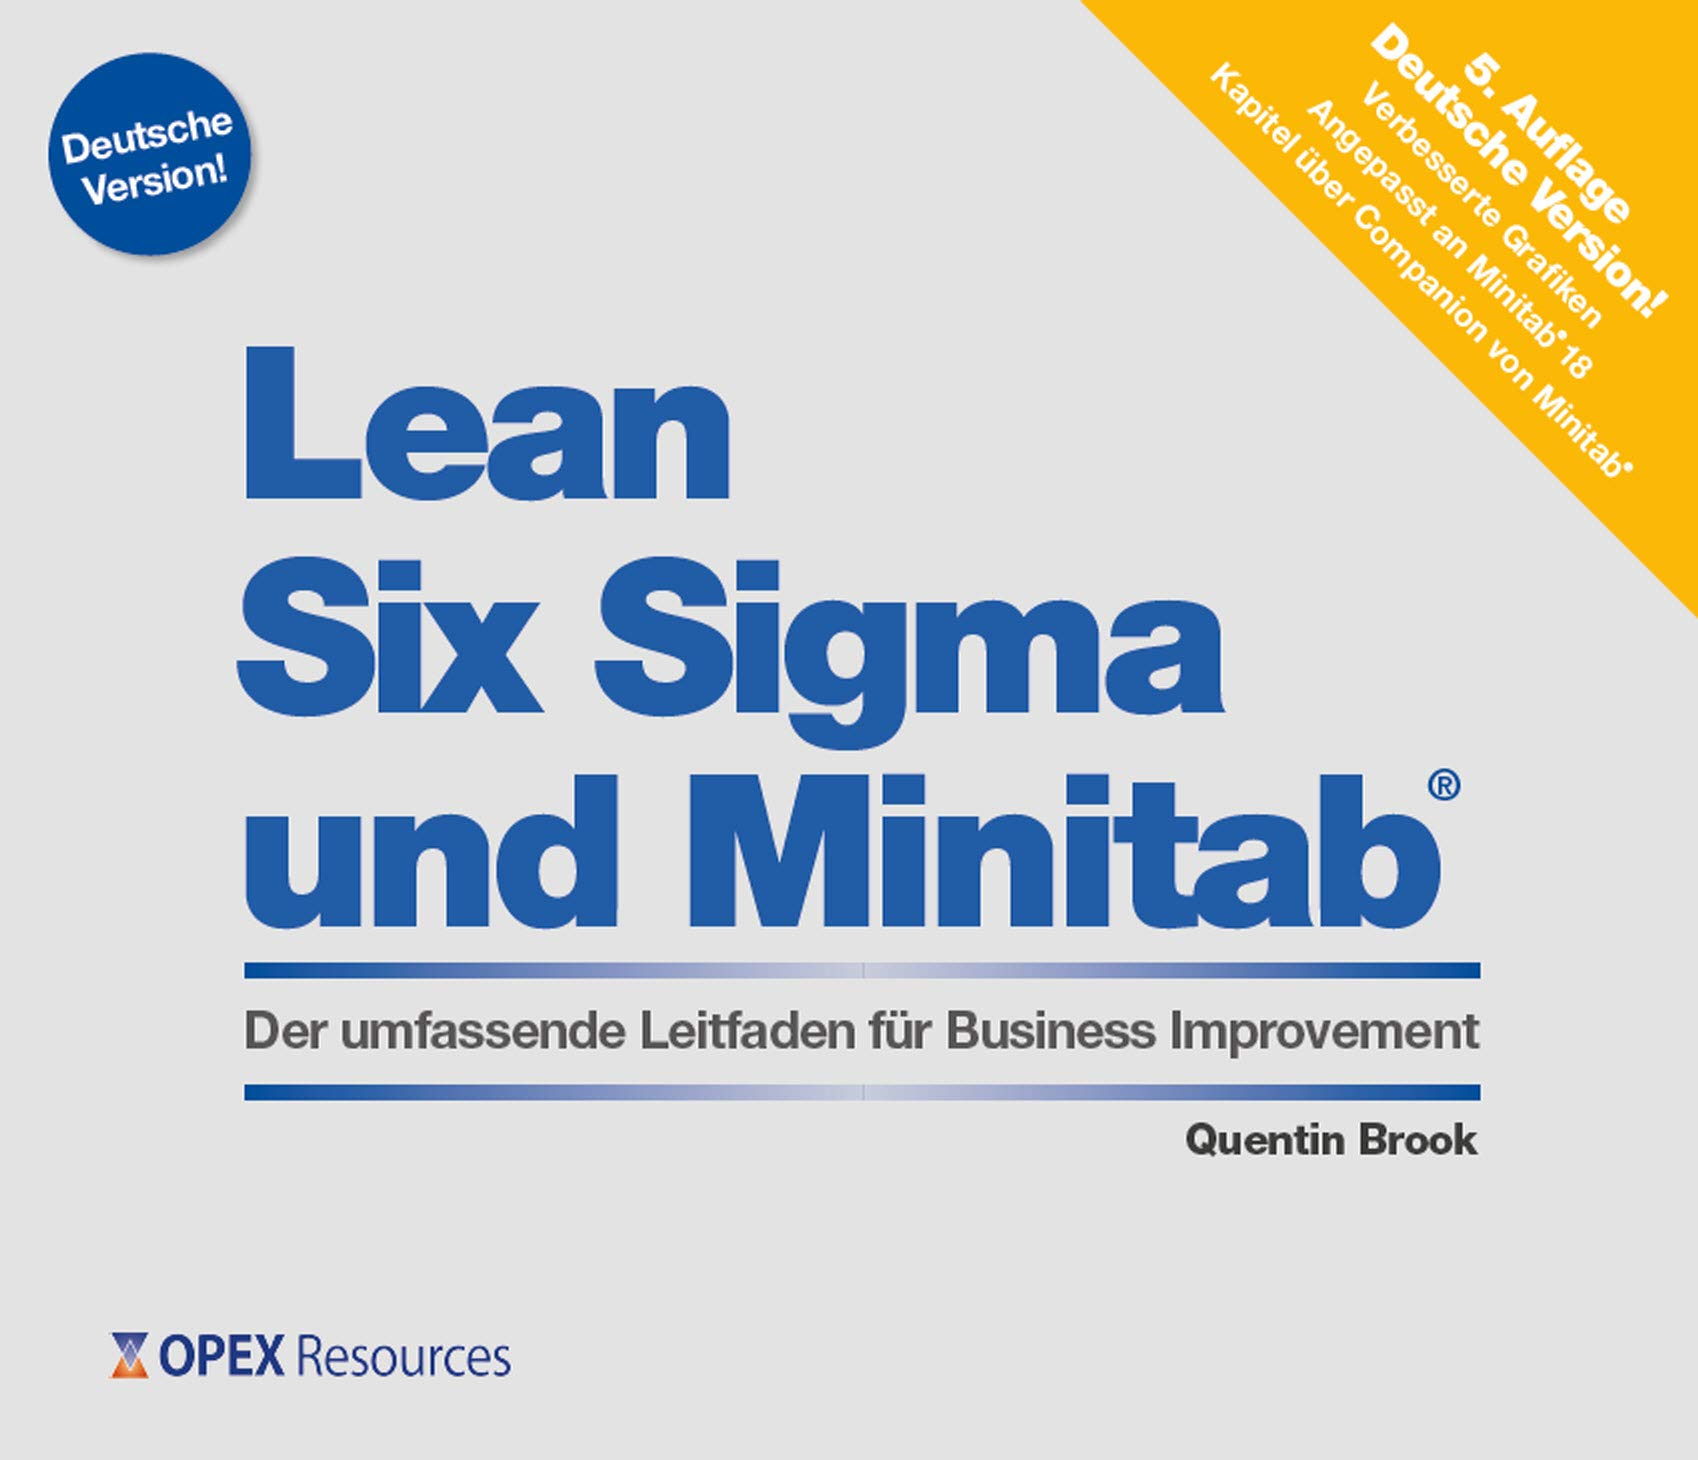 Lean Six Sigma Und Minitab  Der Umfassende Leitfaden Fur Business Improvement